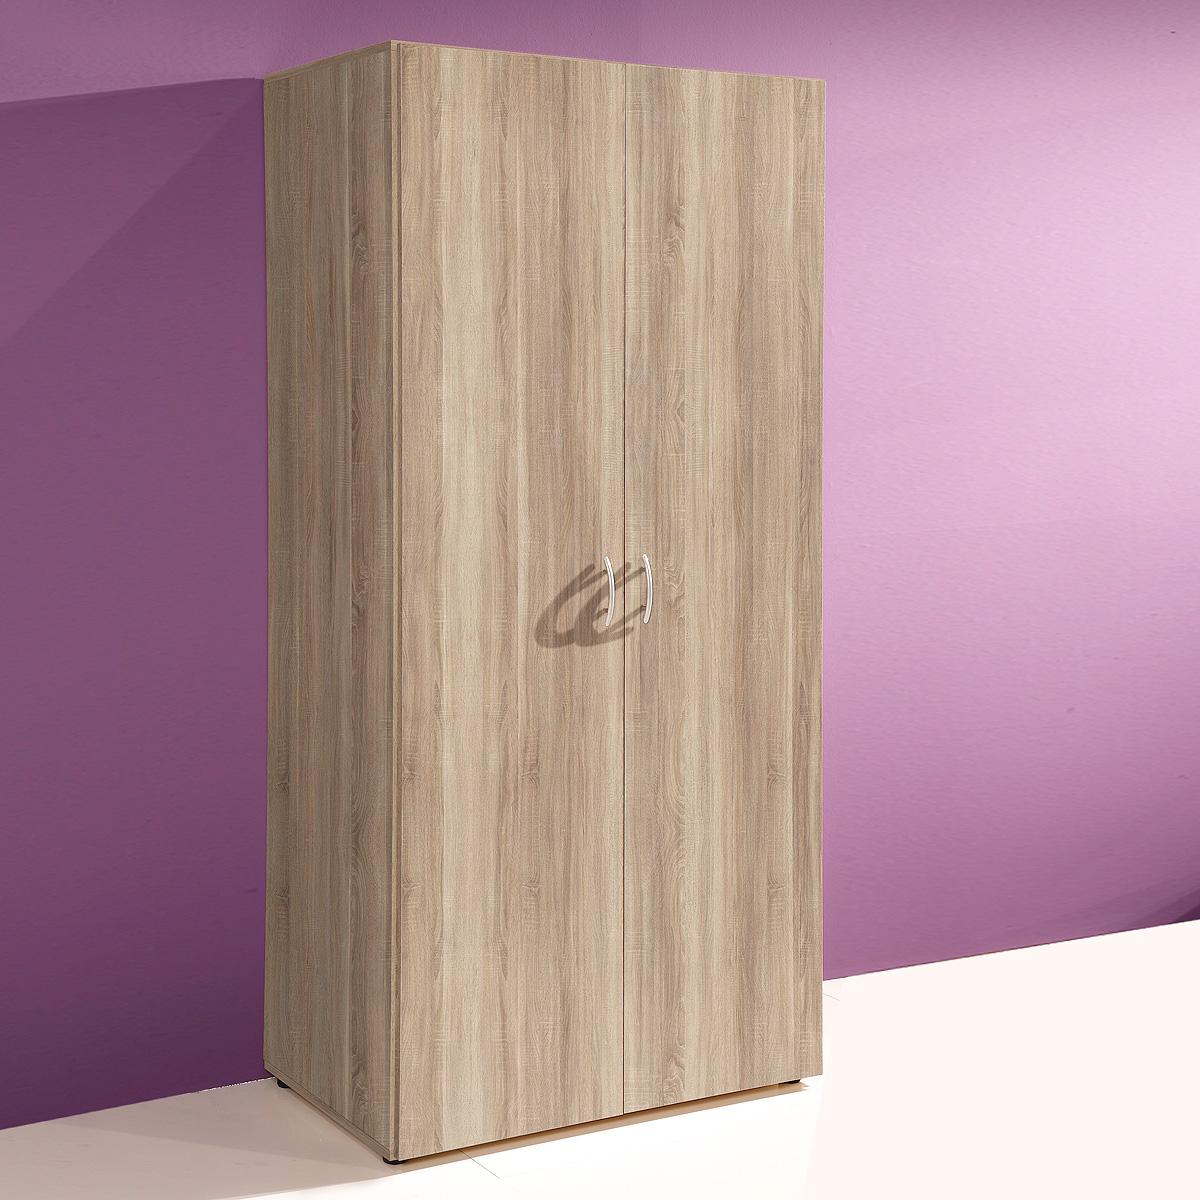 kleiderschrank base schrank in wei sonoma buche walnuss gr en auswahl ebay. Black Bedroom Furniture Sets. Home Design Ideas